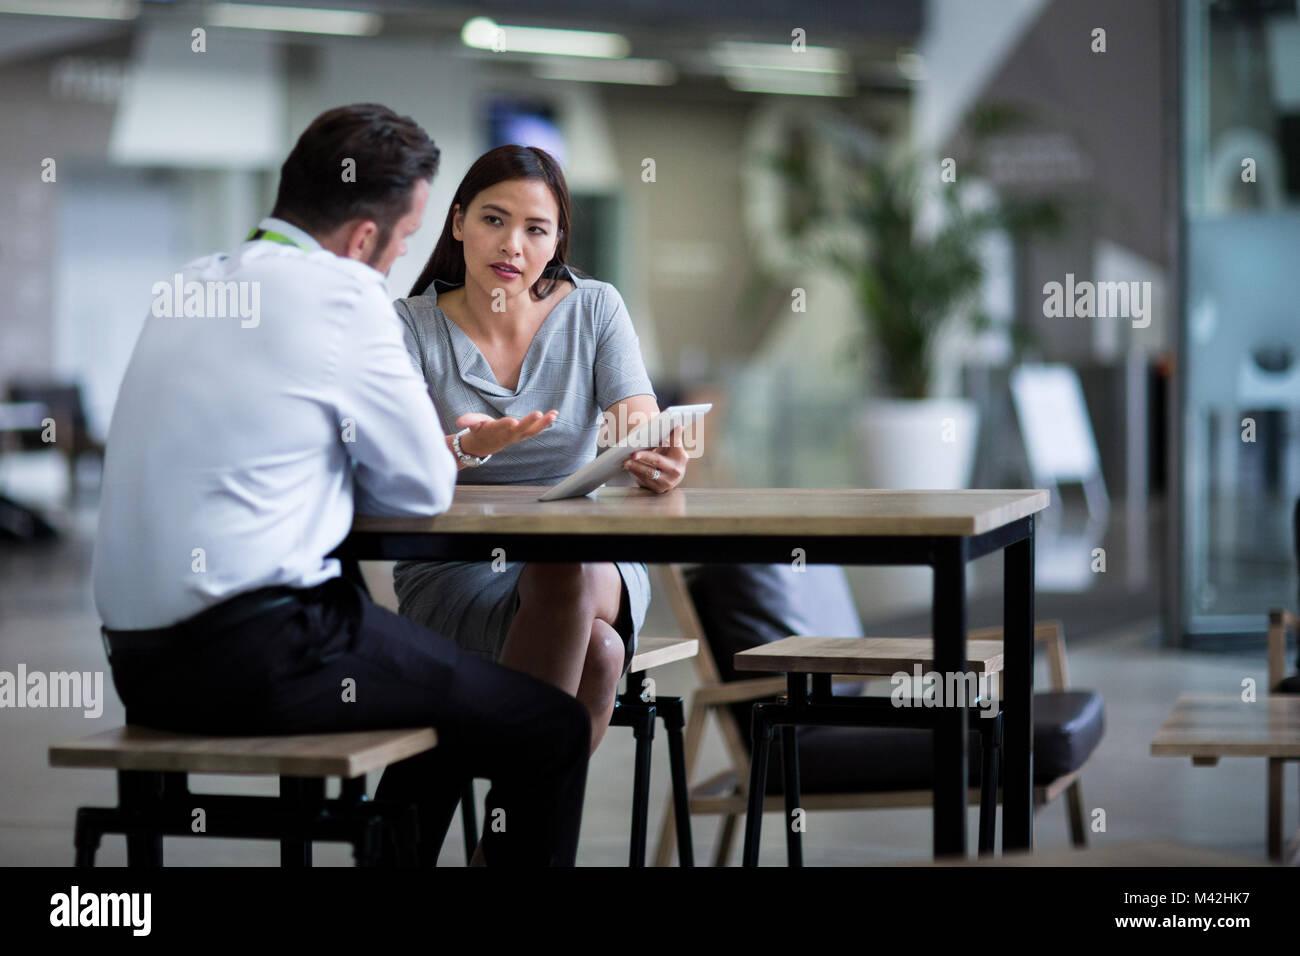 La empresaria en una reunión utilizando una tableta digital Imagen De Stock